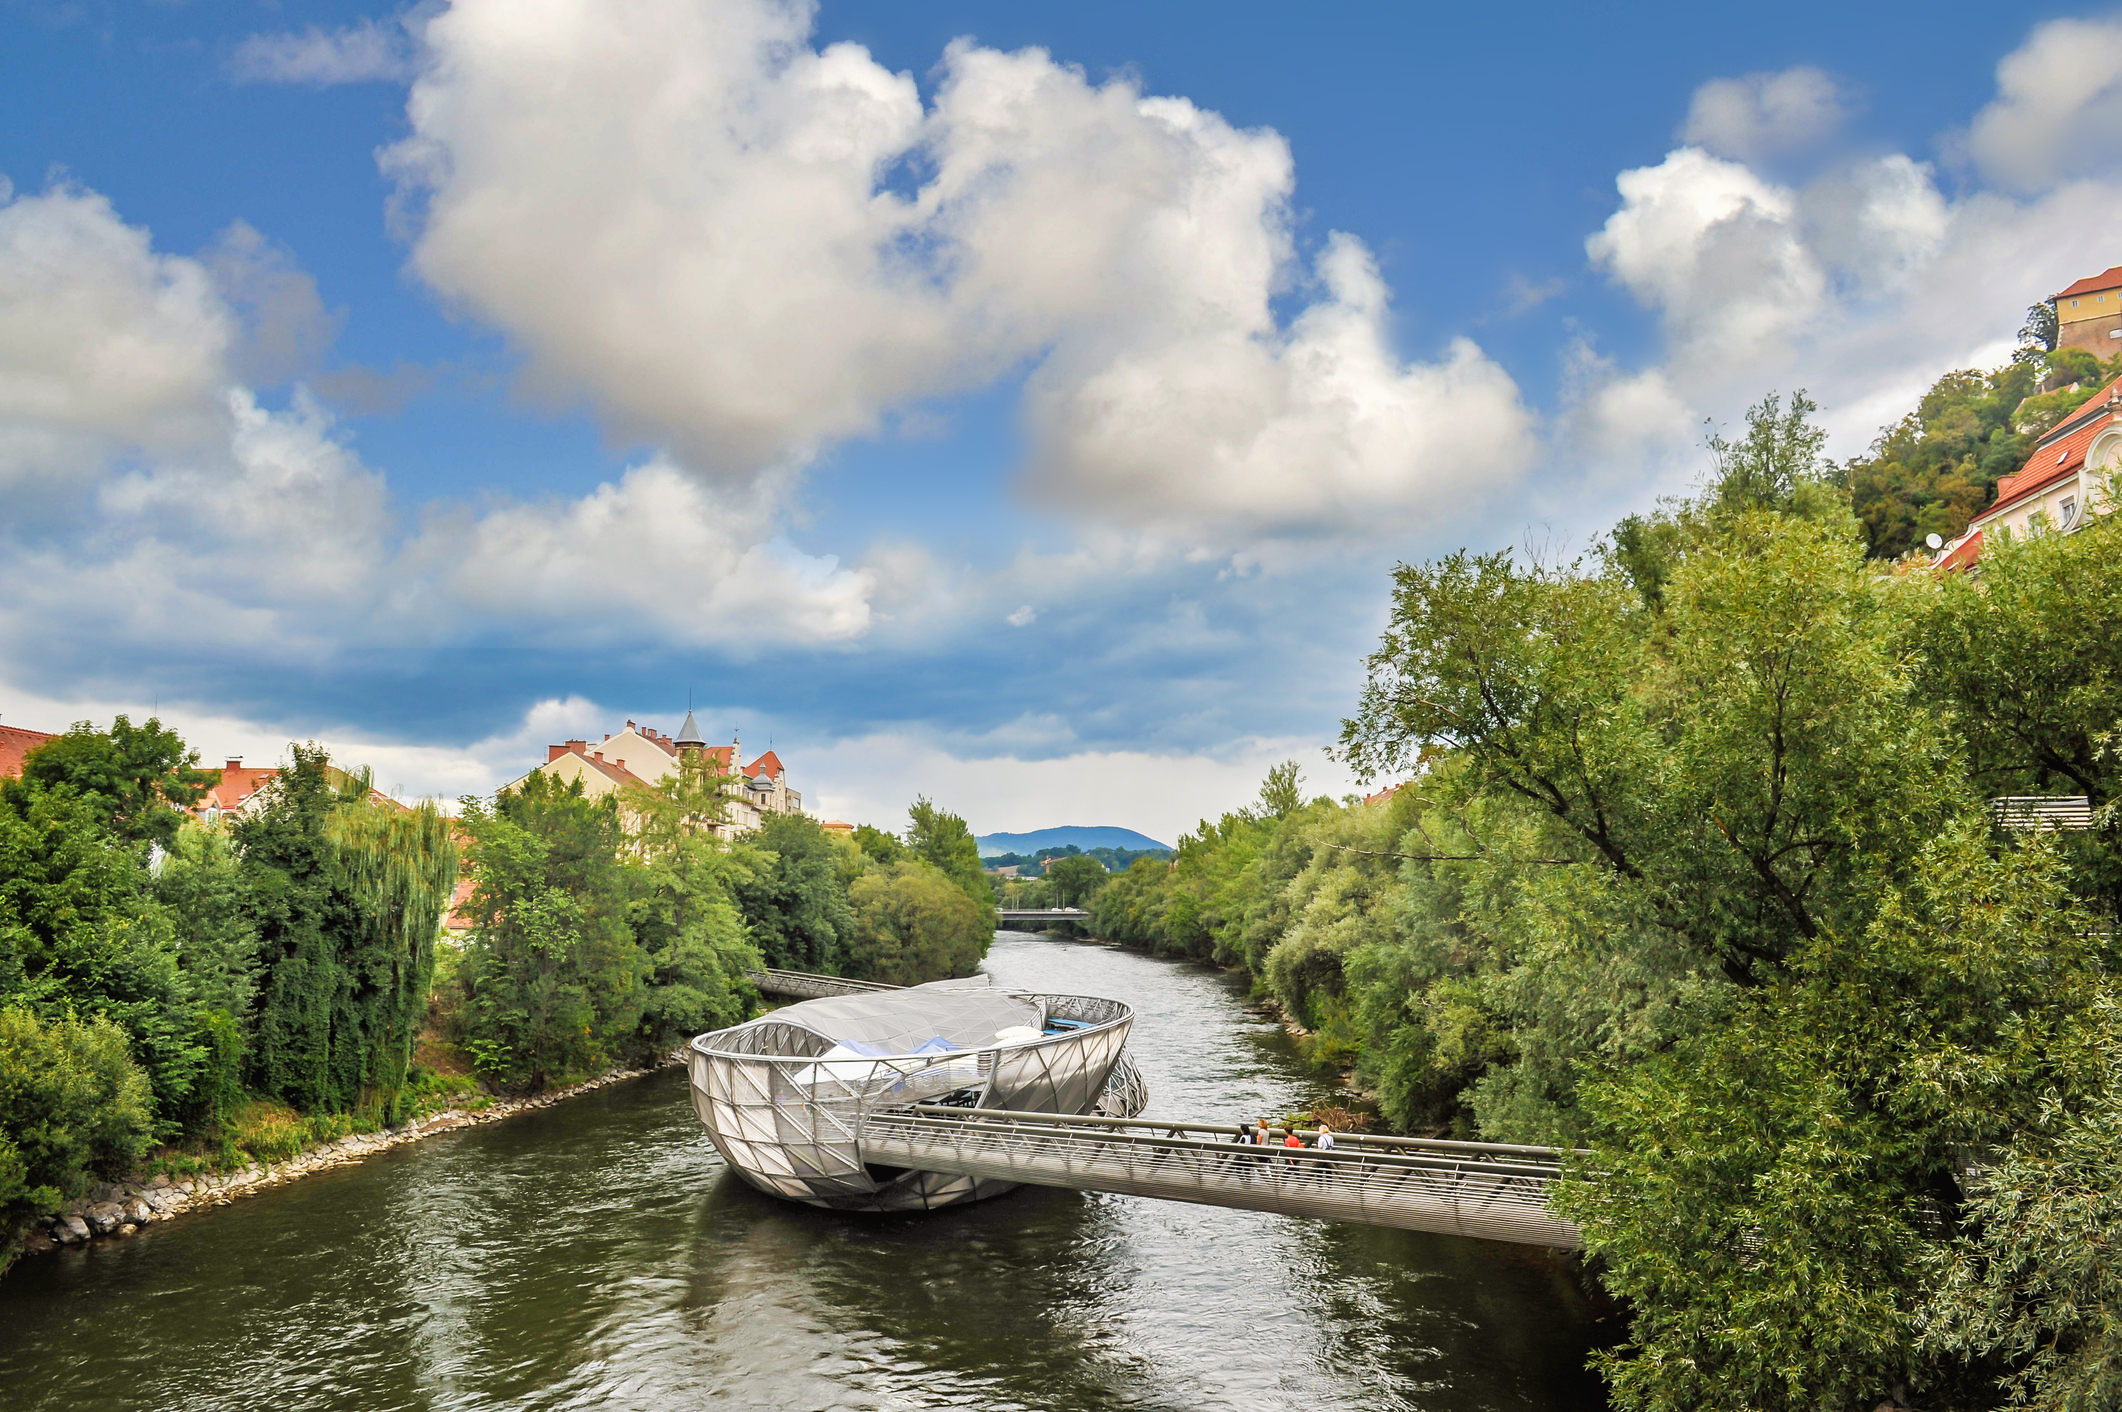 Mura folyóra épített mesterséges sziget, a Murinsel